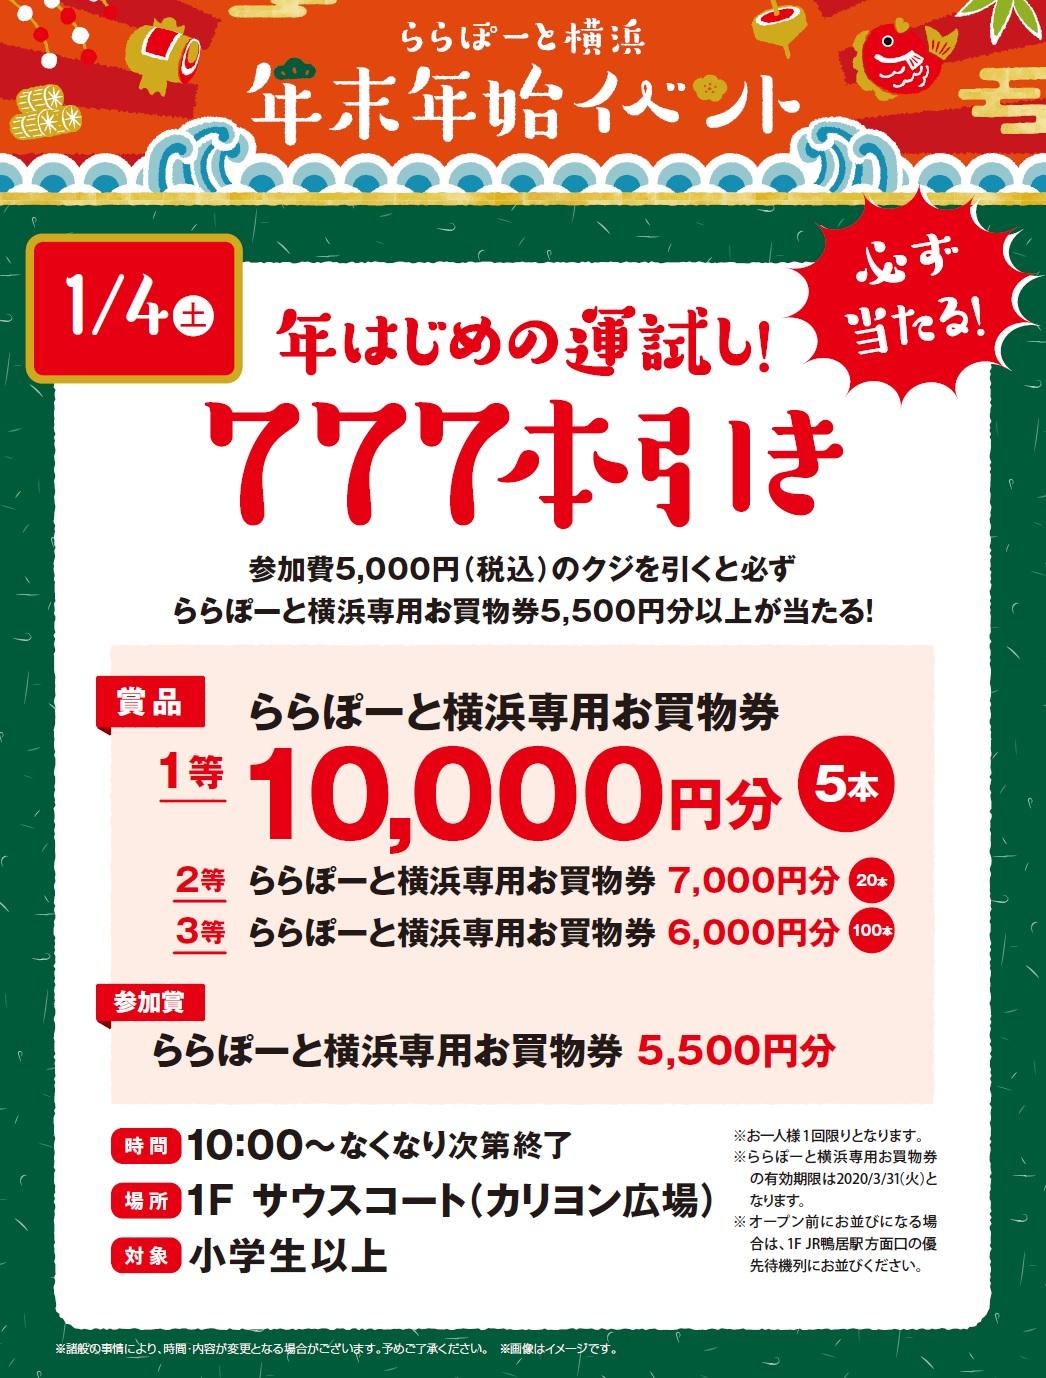 ららぽーと横浜で5000円でくじを買うと、お買い物券5500円分以上がもれなく当たる。1/4限定。